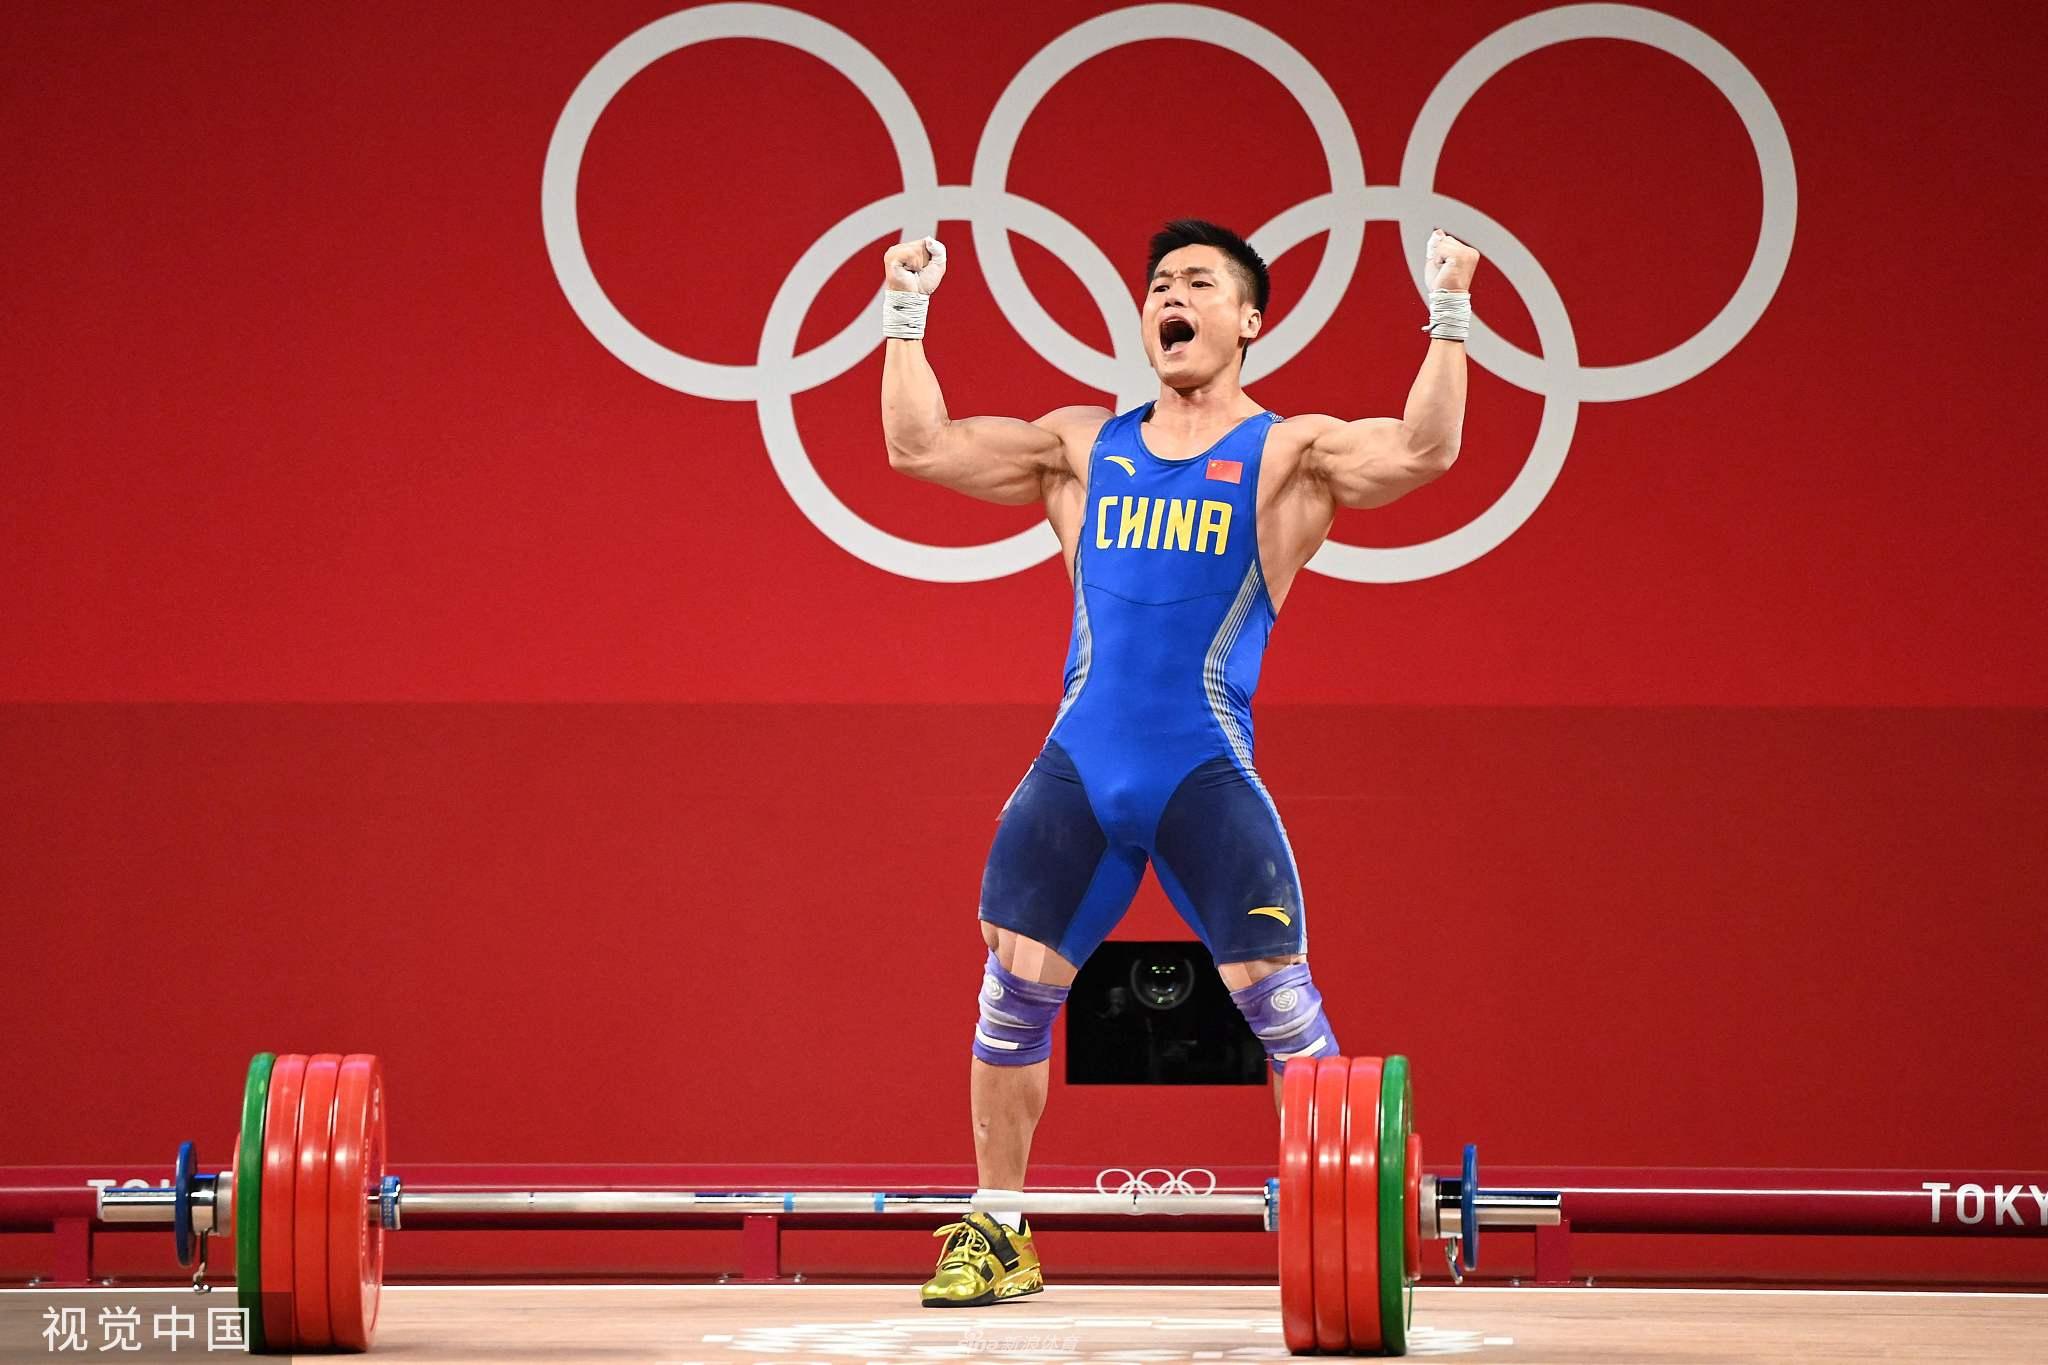 吕小军夺冠创造两大纪录 奥运史上最年长举重冠军